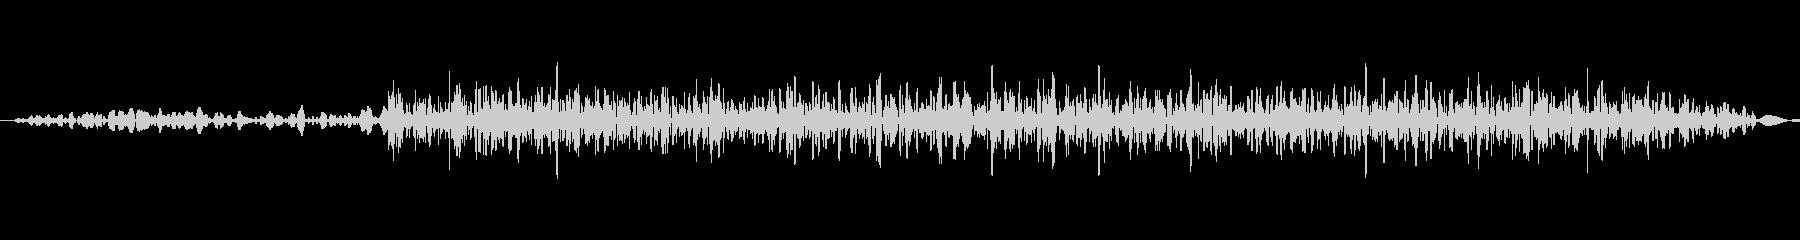 ラジオスタティック3の未再生の波形